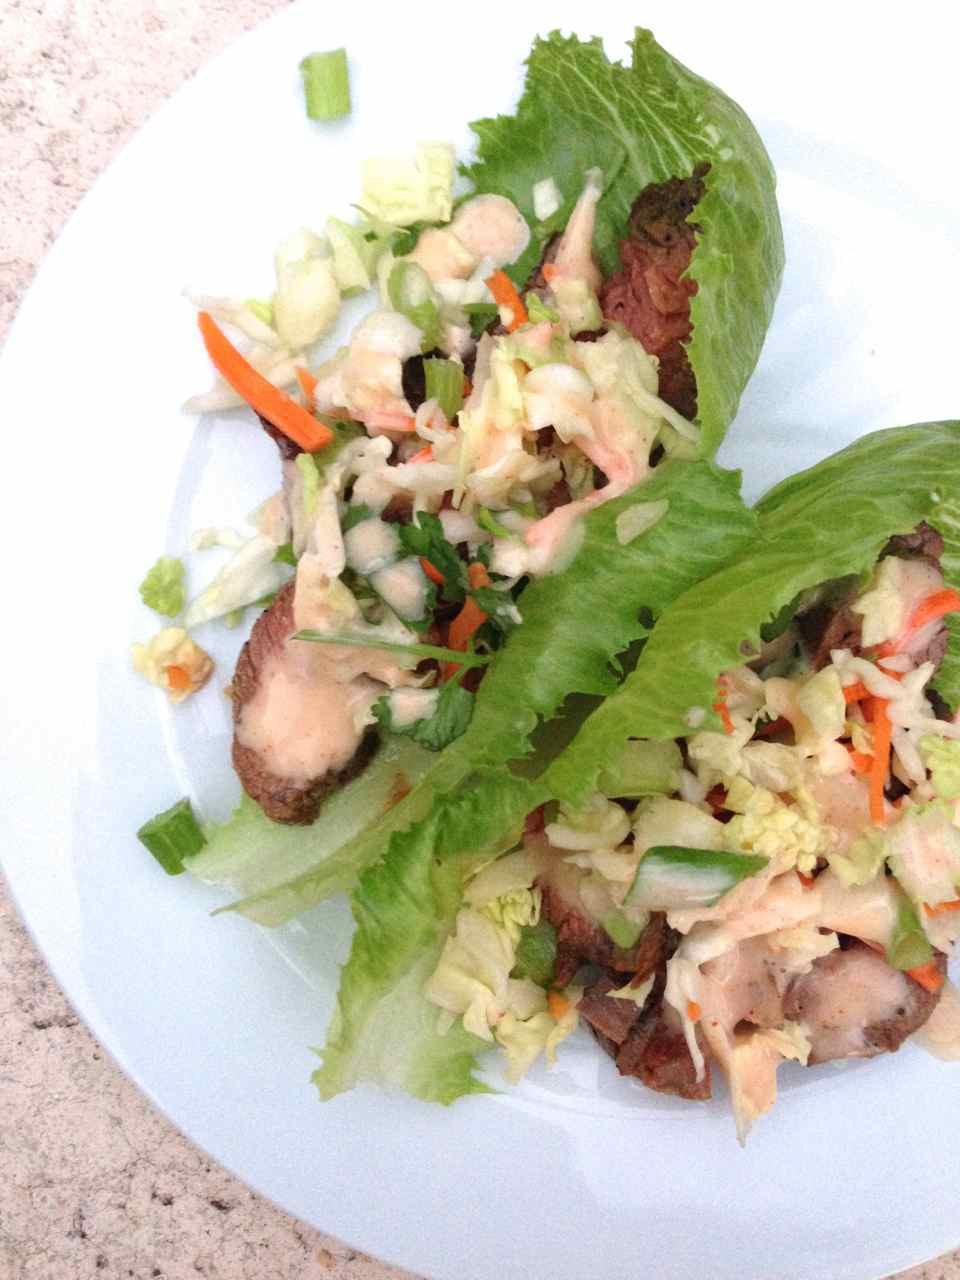 Korean Flank Steak Lettuce Wraps c2014 TRC 1.jpg